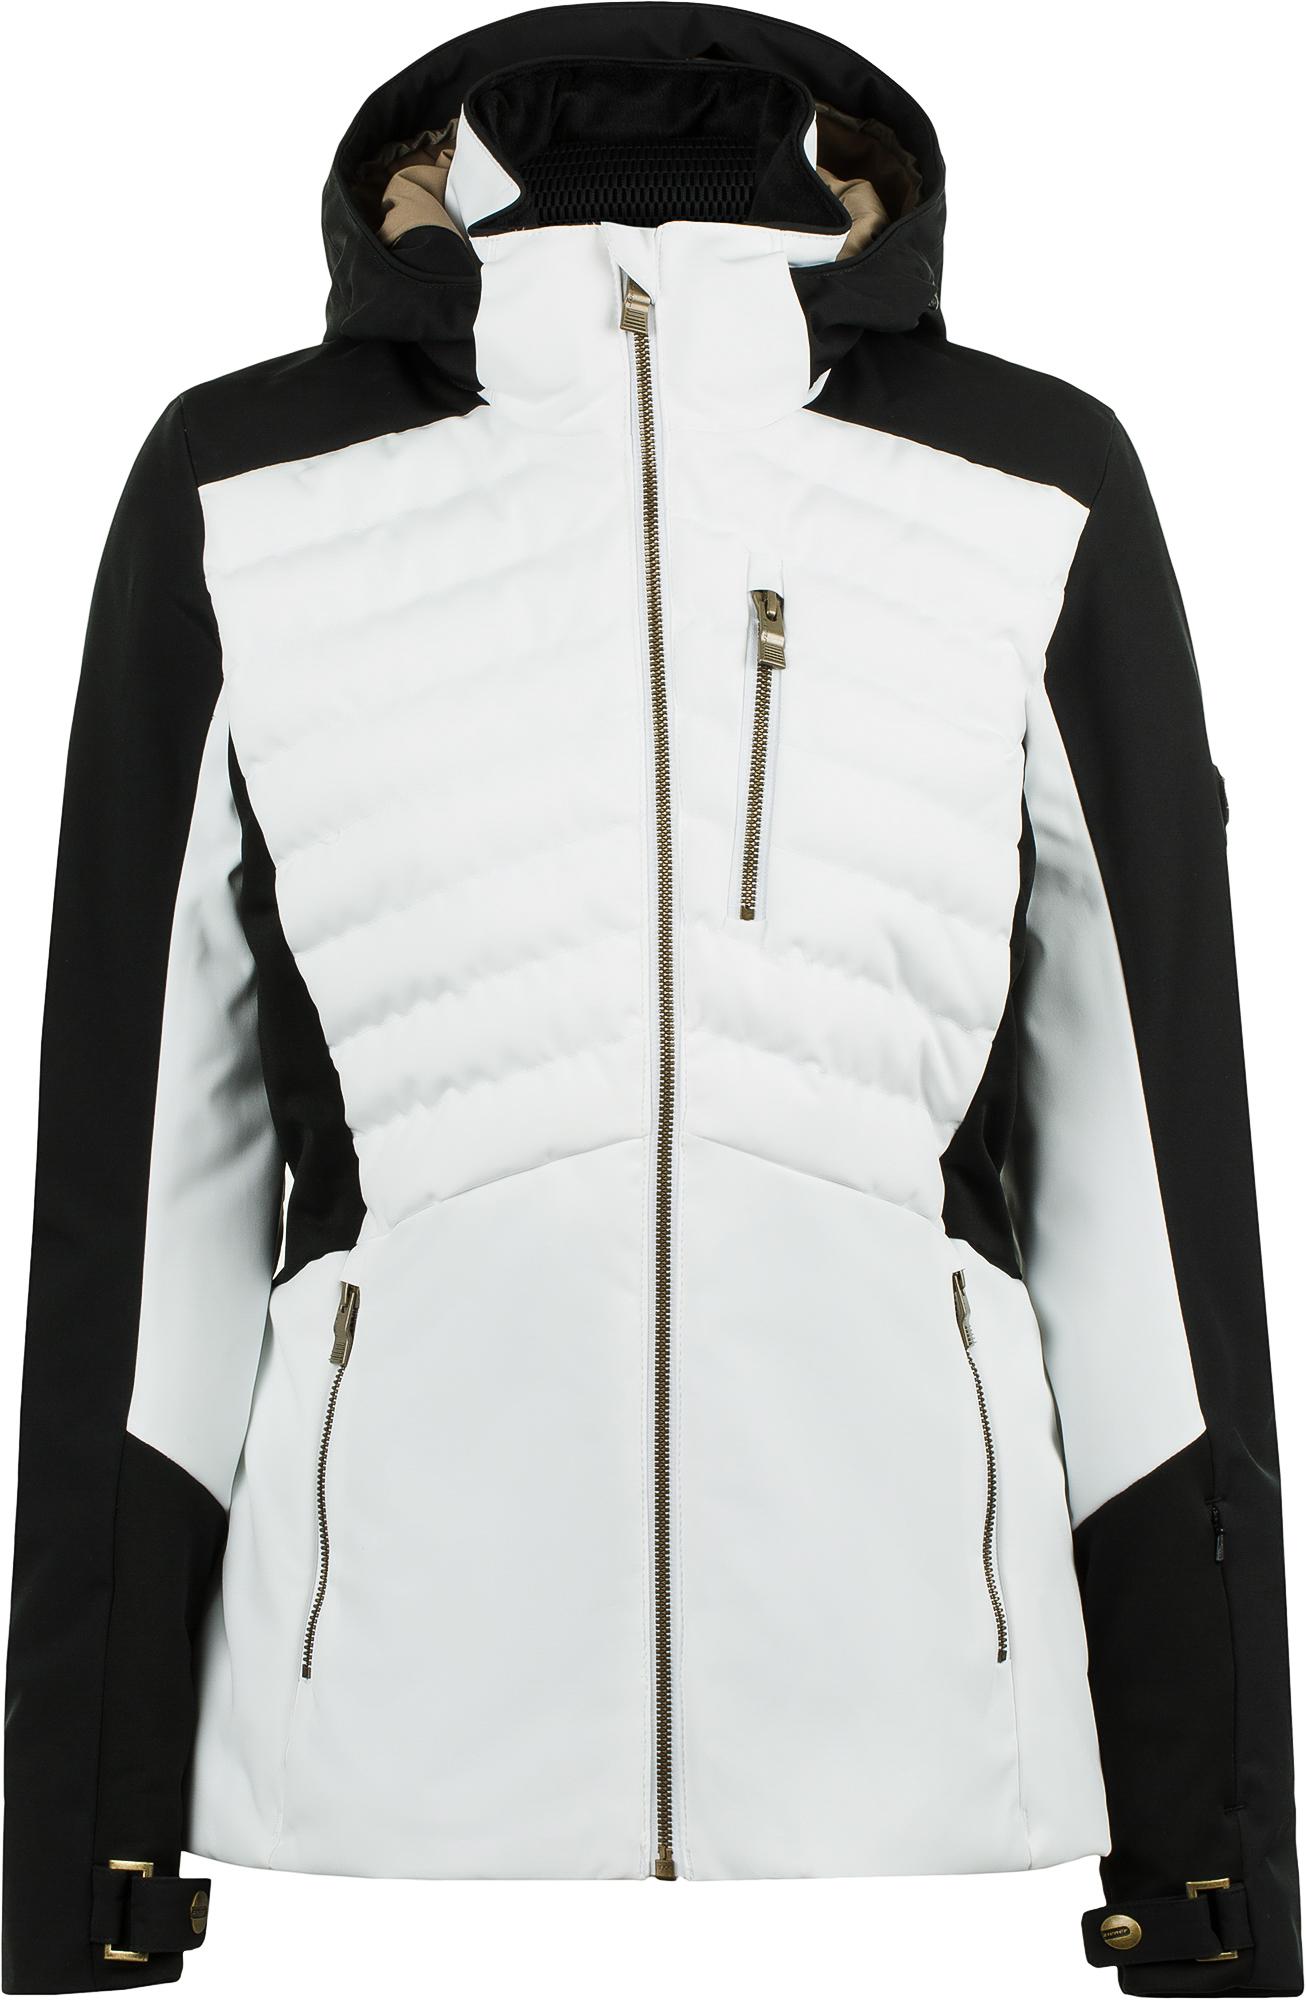 Ziener Куртка утепленная женская Ziener Tamine, размер 46